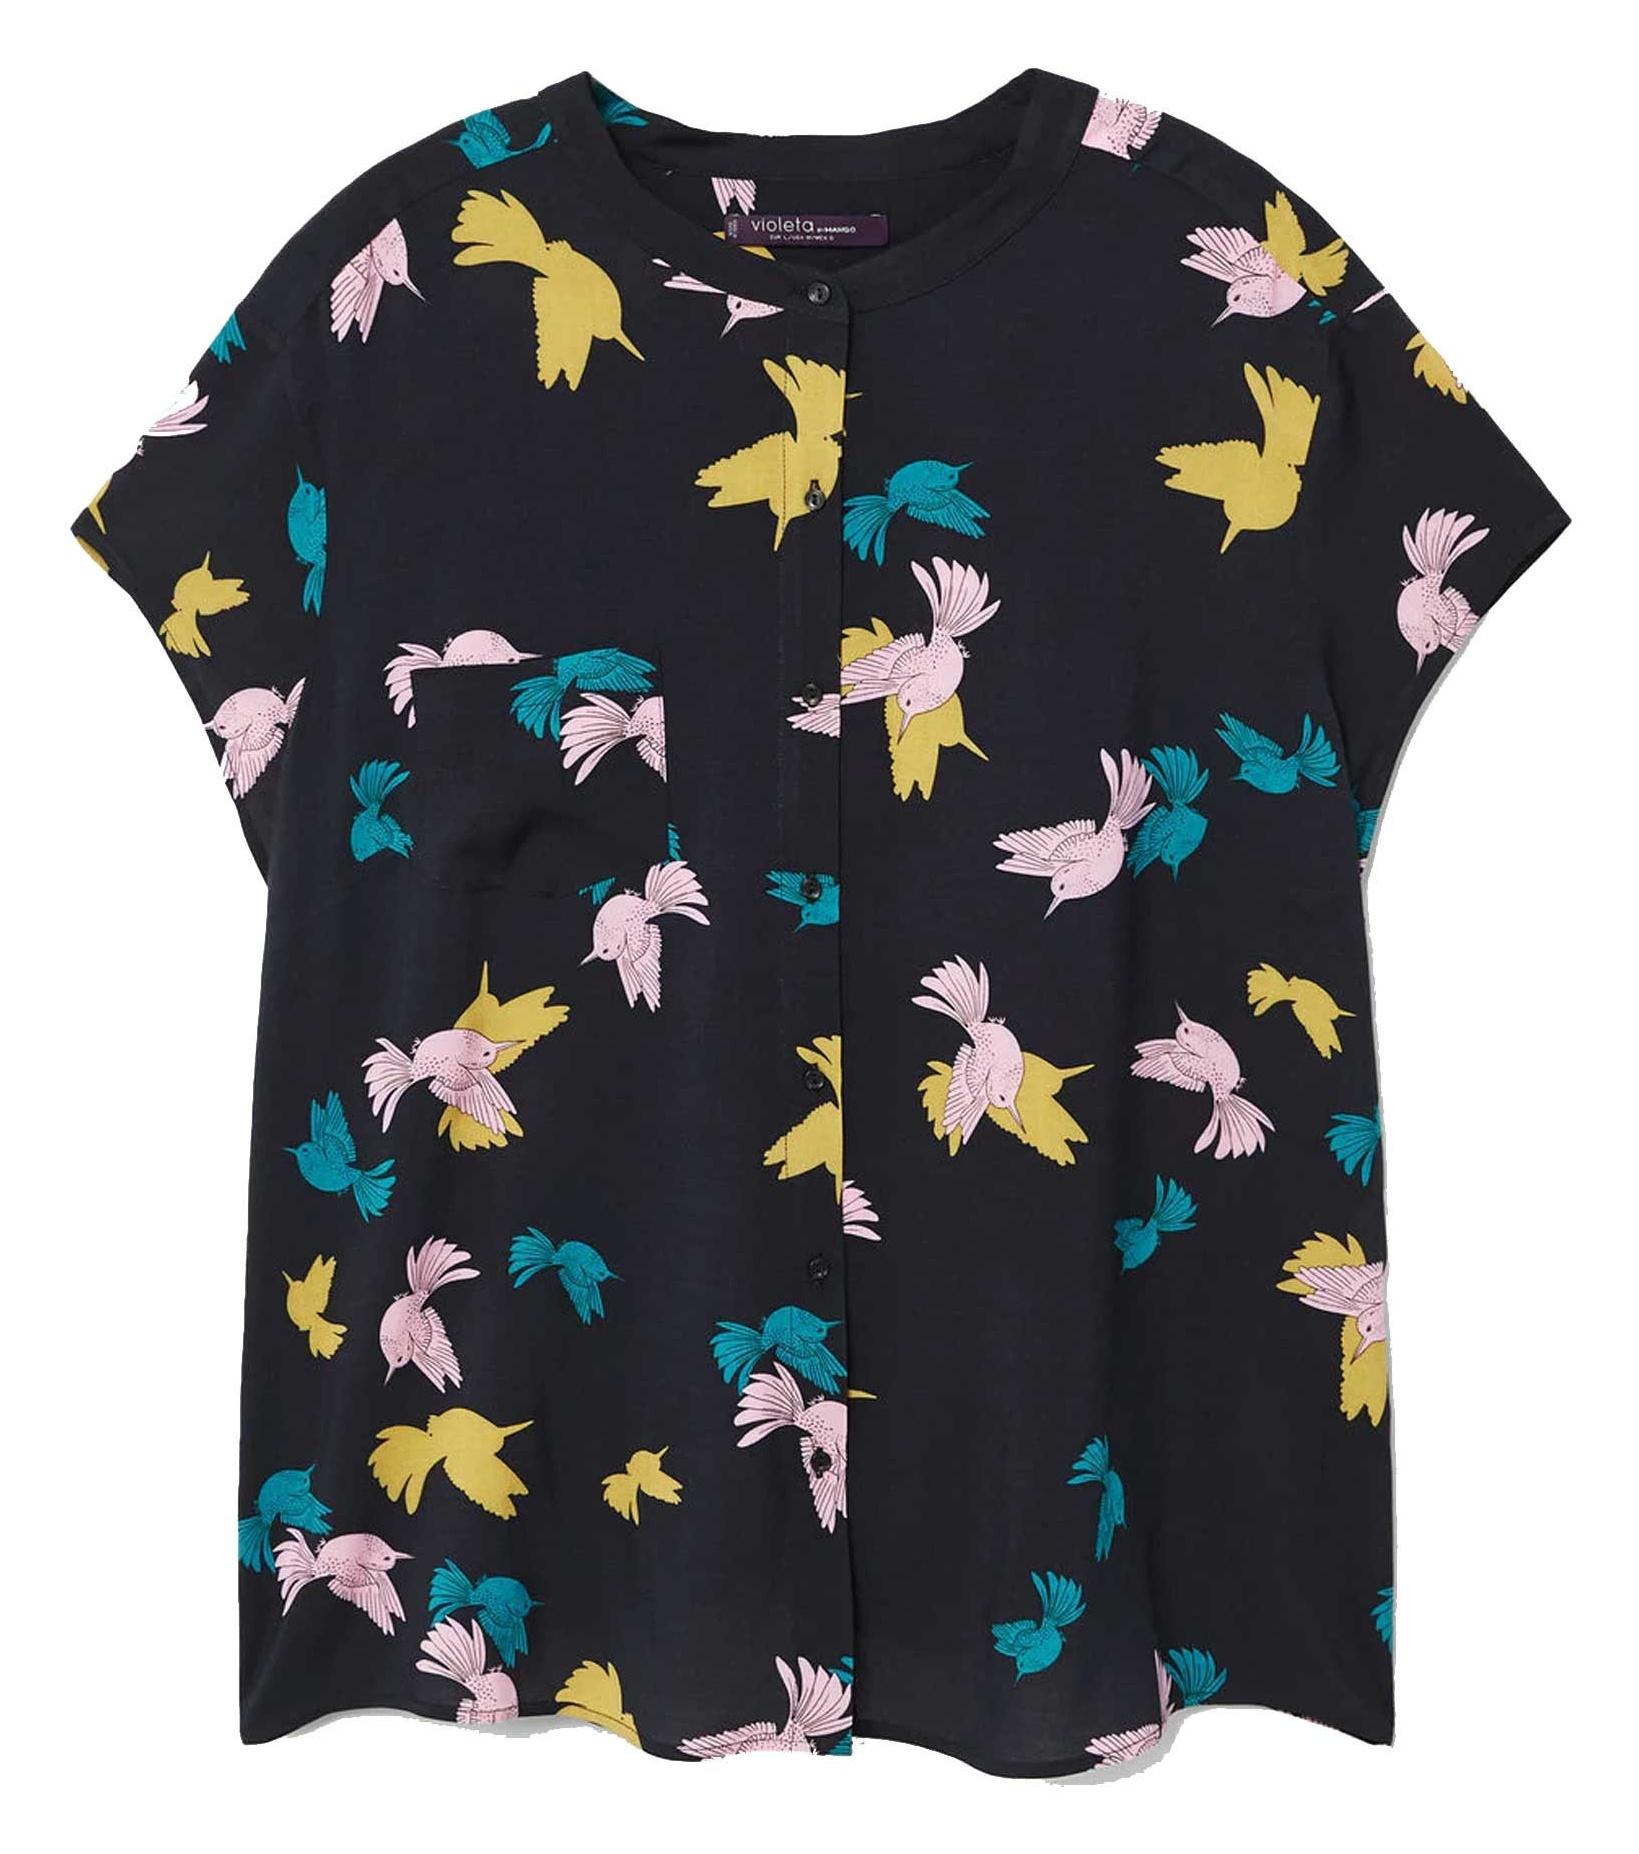 تی شرت ویسکوز یقه گرد زنانه - ویولتا بای مانگو